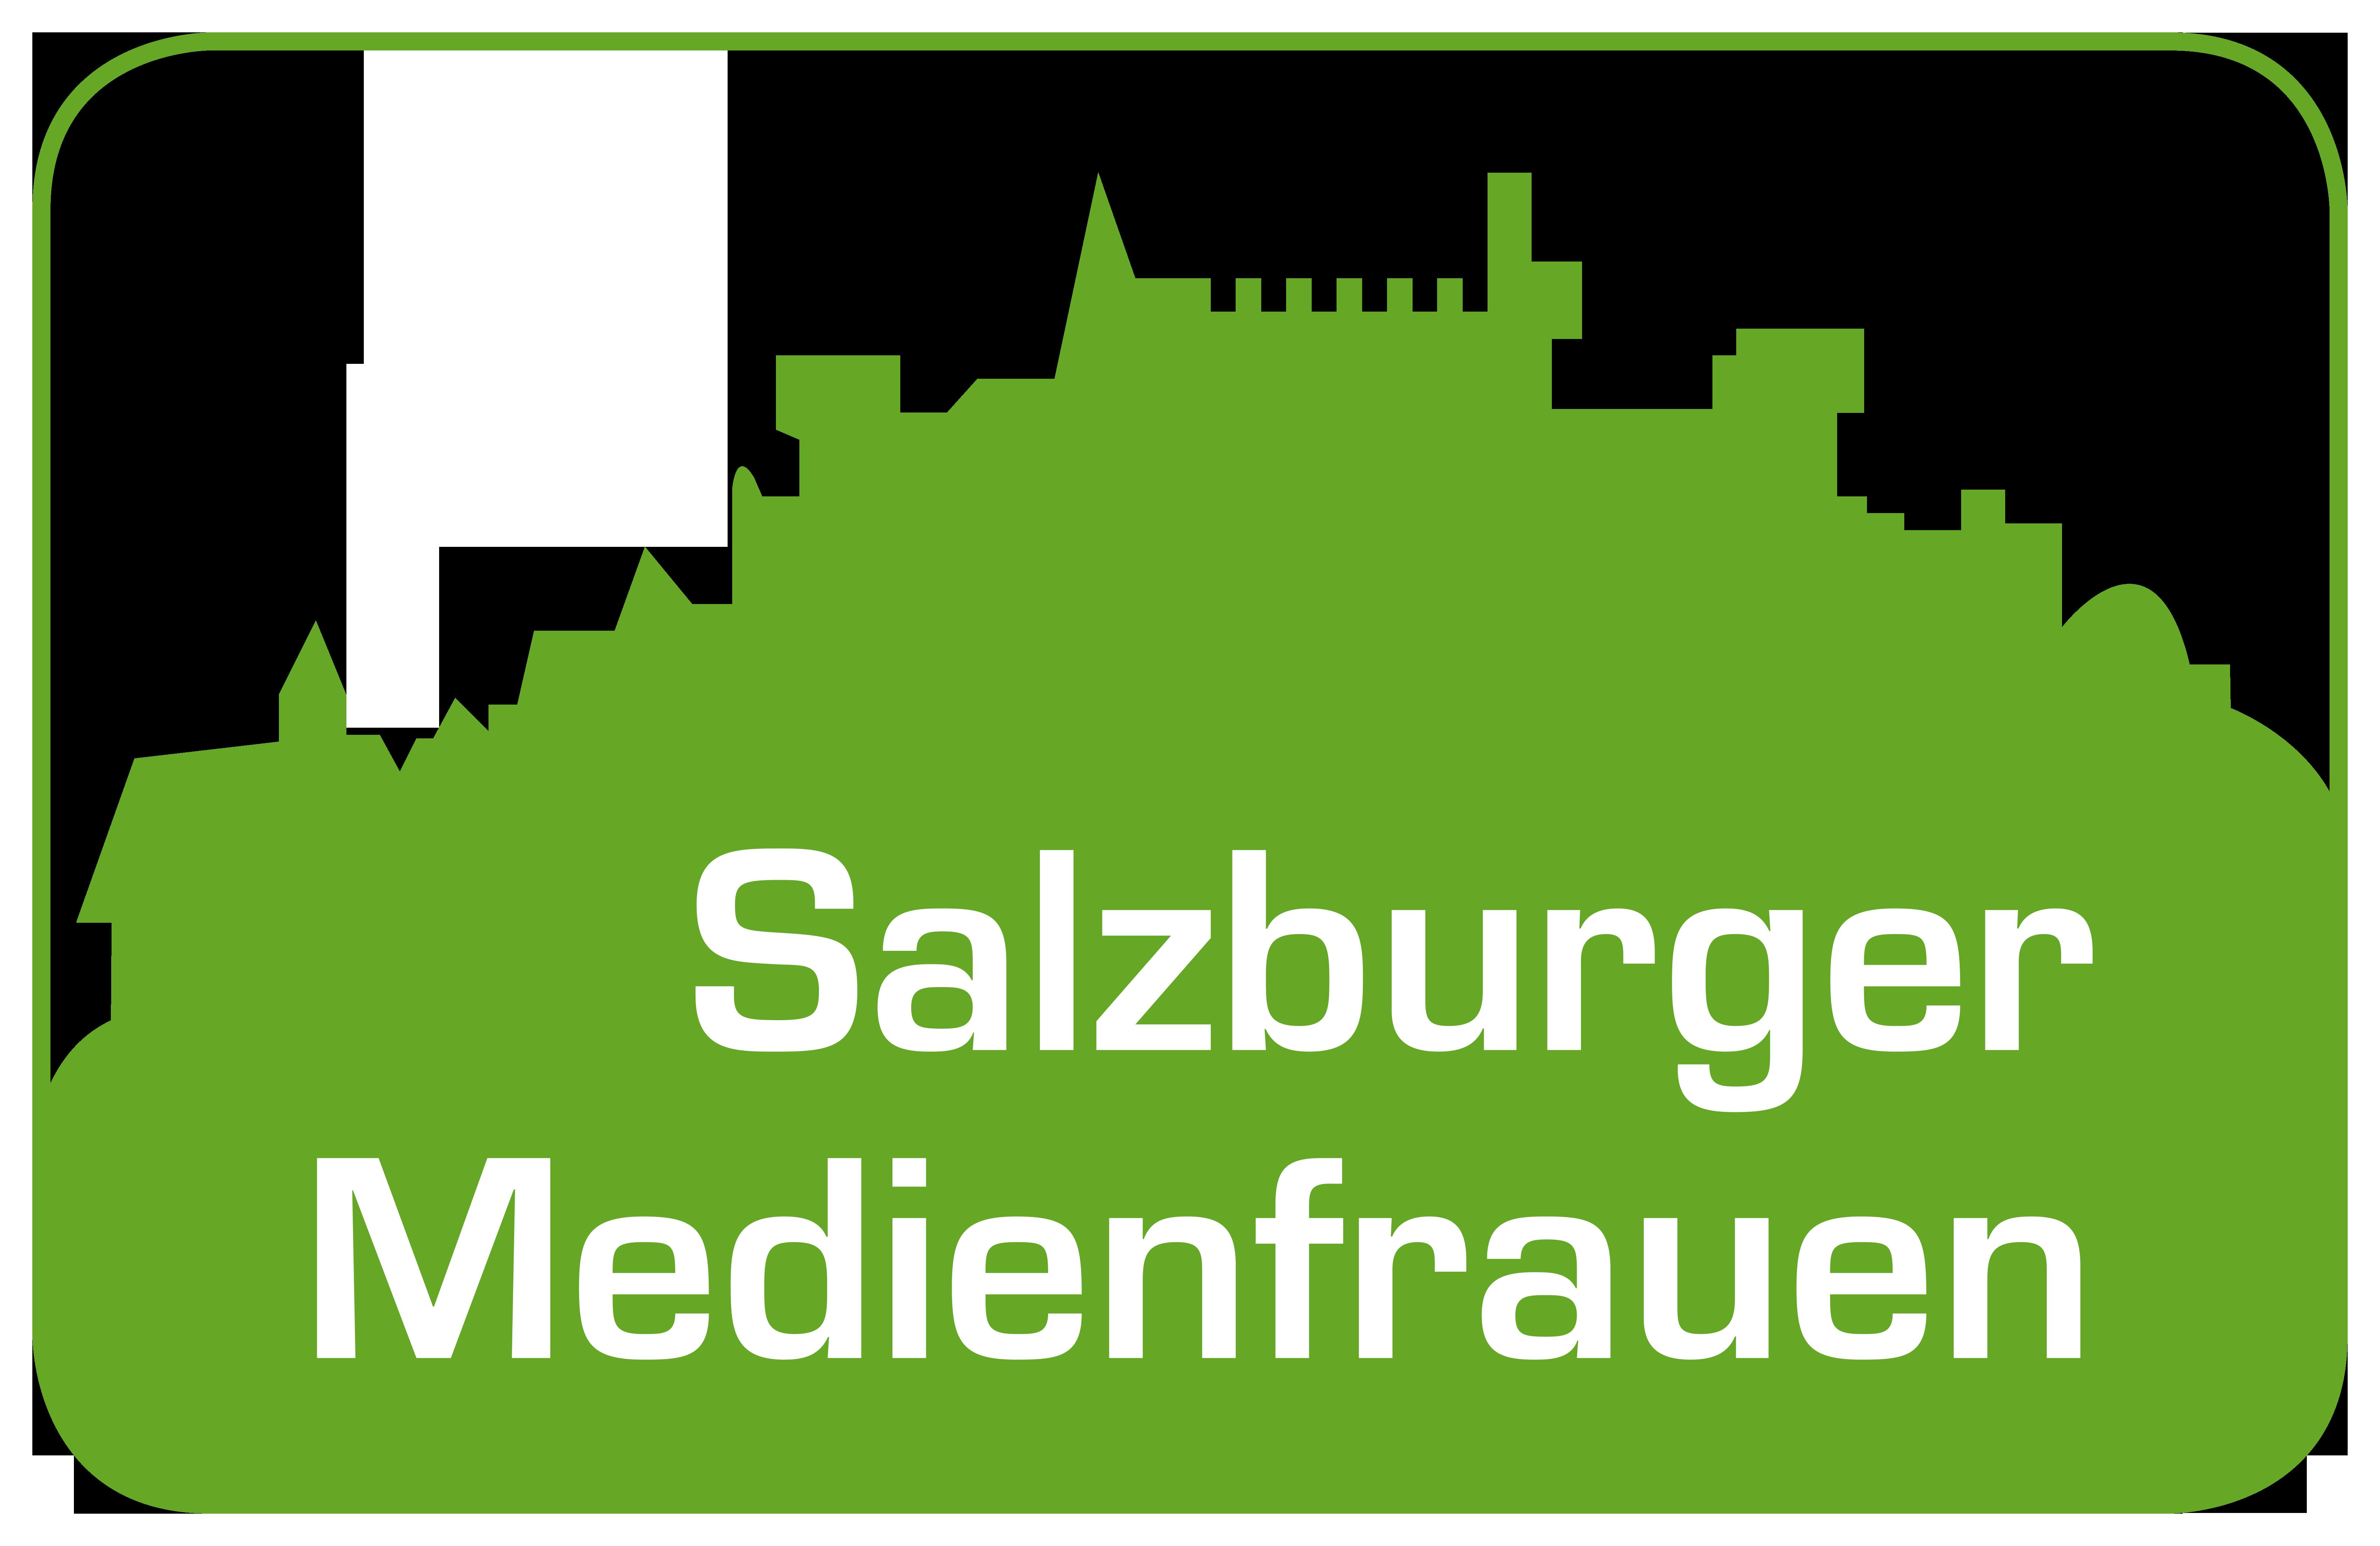 Salzburger Medienfrauen Fortbildung, Vernetzung